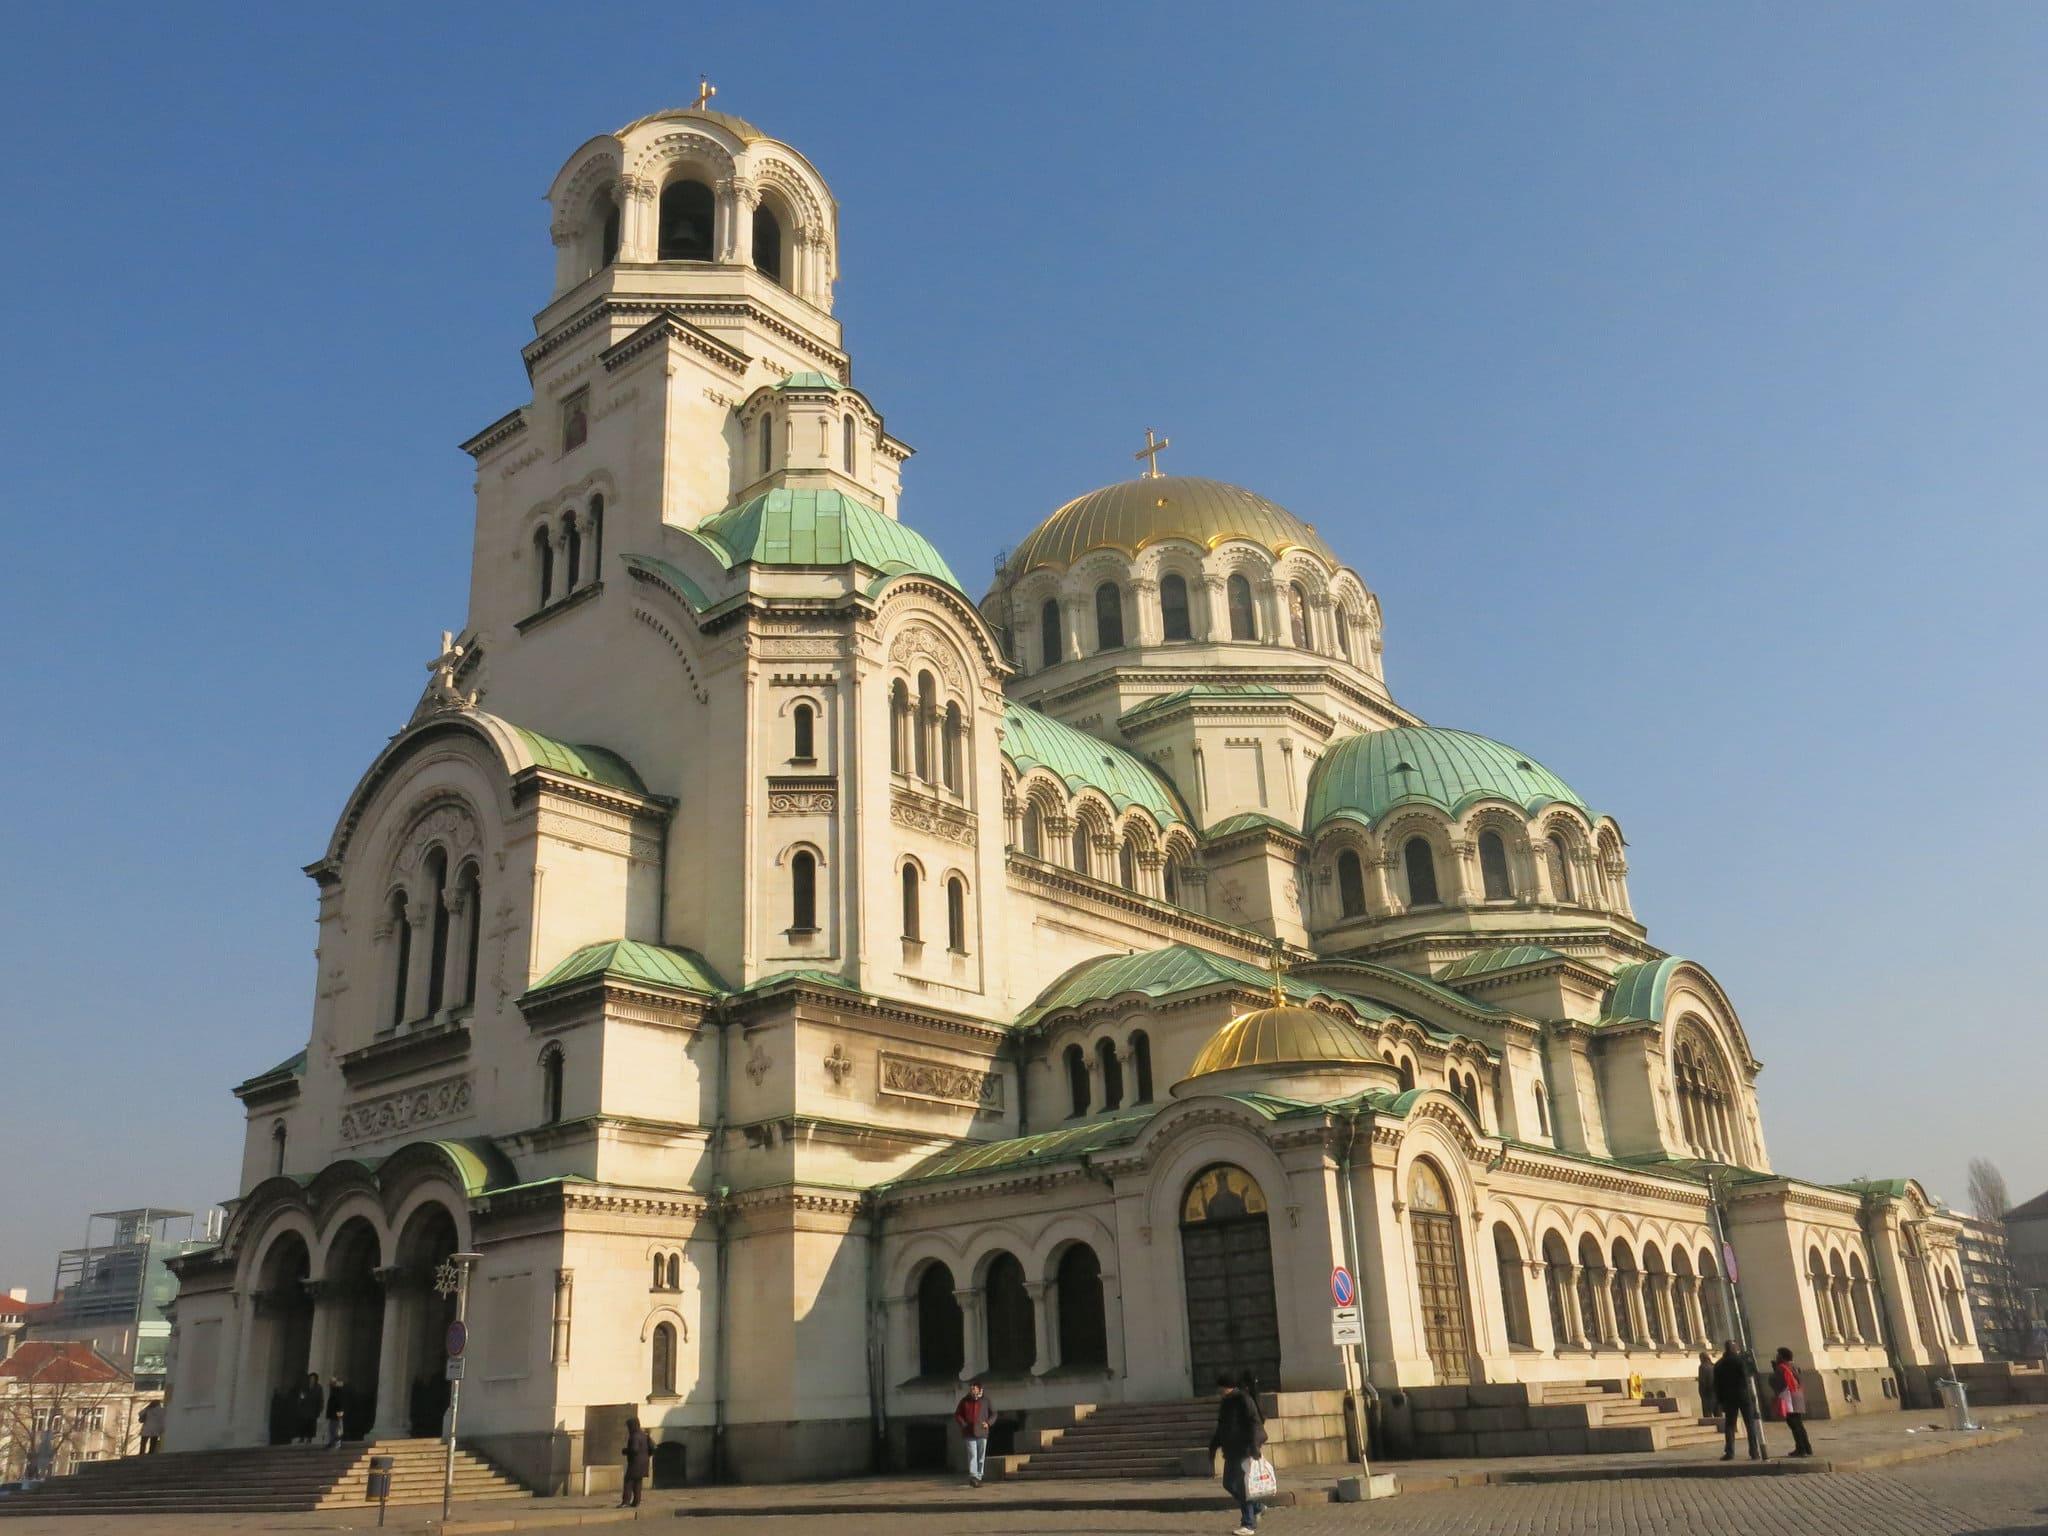 storia e costruzione cattedrale di Sofia